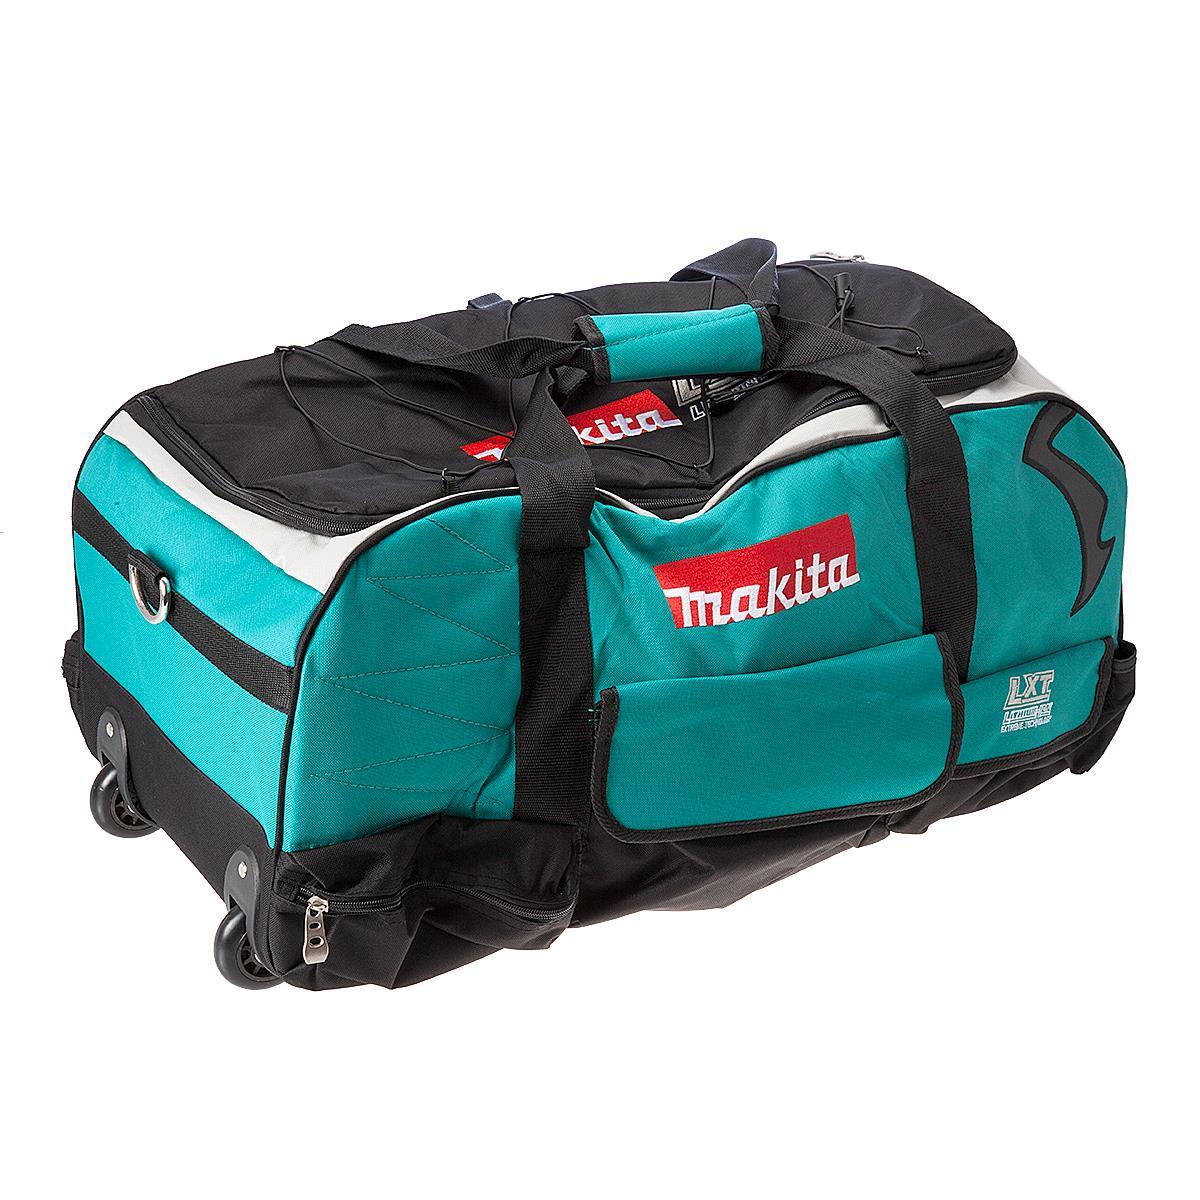 Makita LXT600 Heavy Duty Tool Bag with Wheels - 831279-0